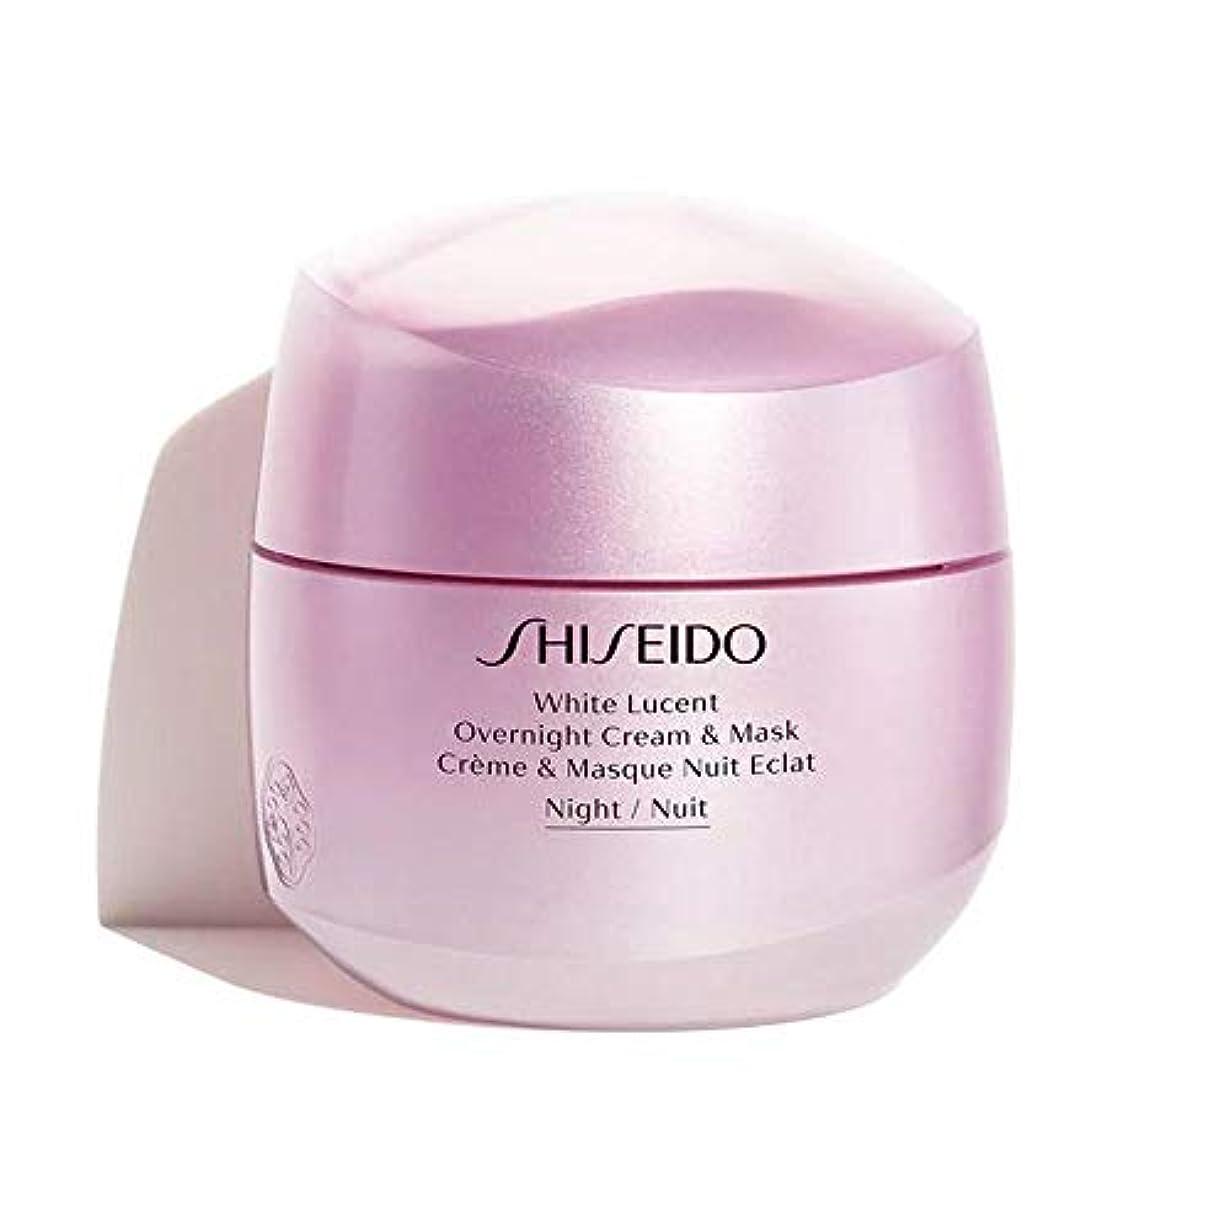 オーブン評判インセンティブ資生堂 White Lucent Overnight Cream & Mask 75ml/2.6oz並行輸入品